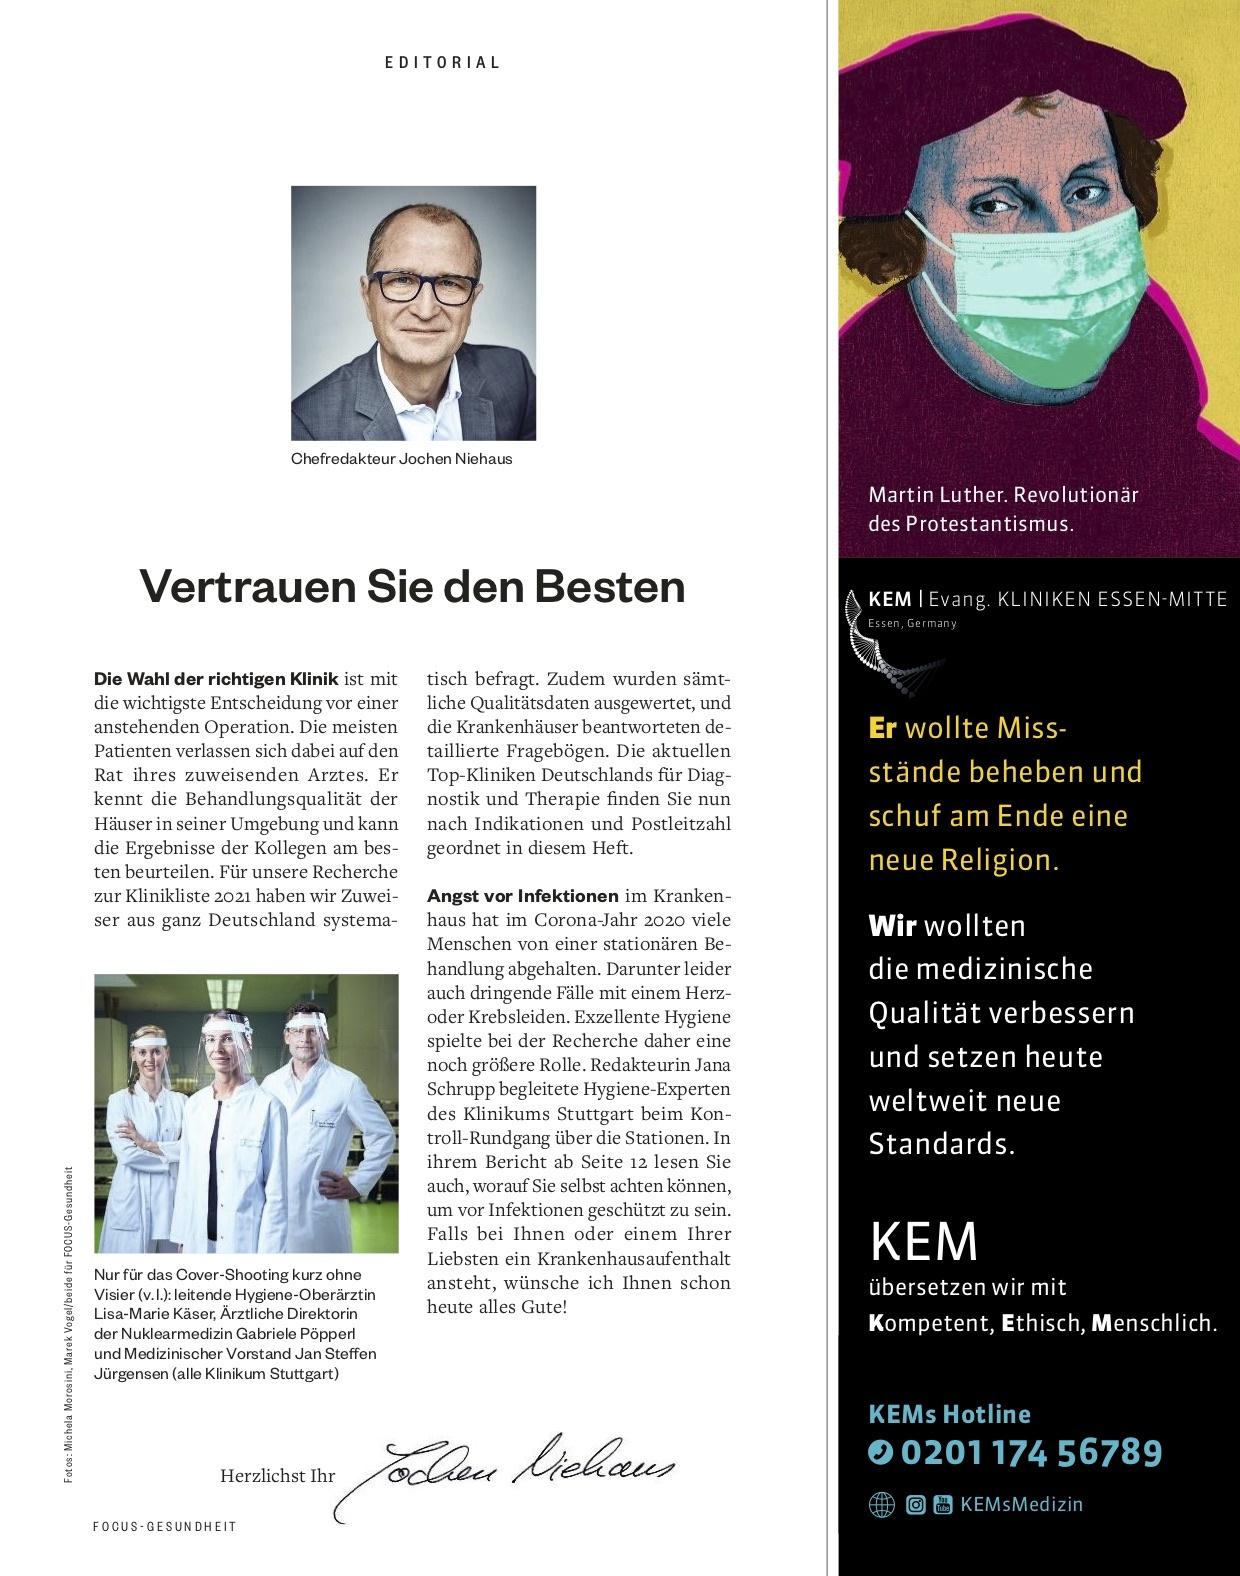 FOCUS-GESUNDHEIT FOCUS Gesundheit - Klinikliste 2021